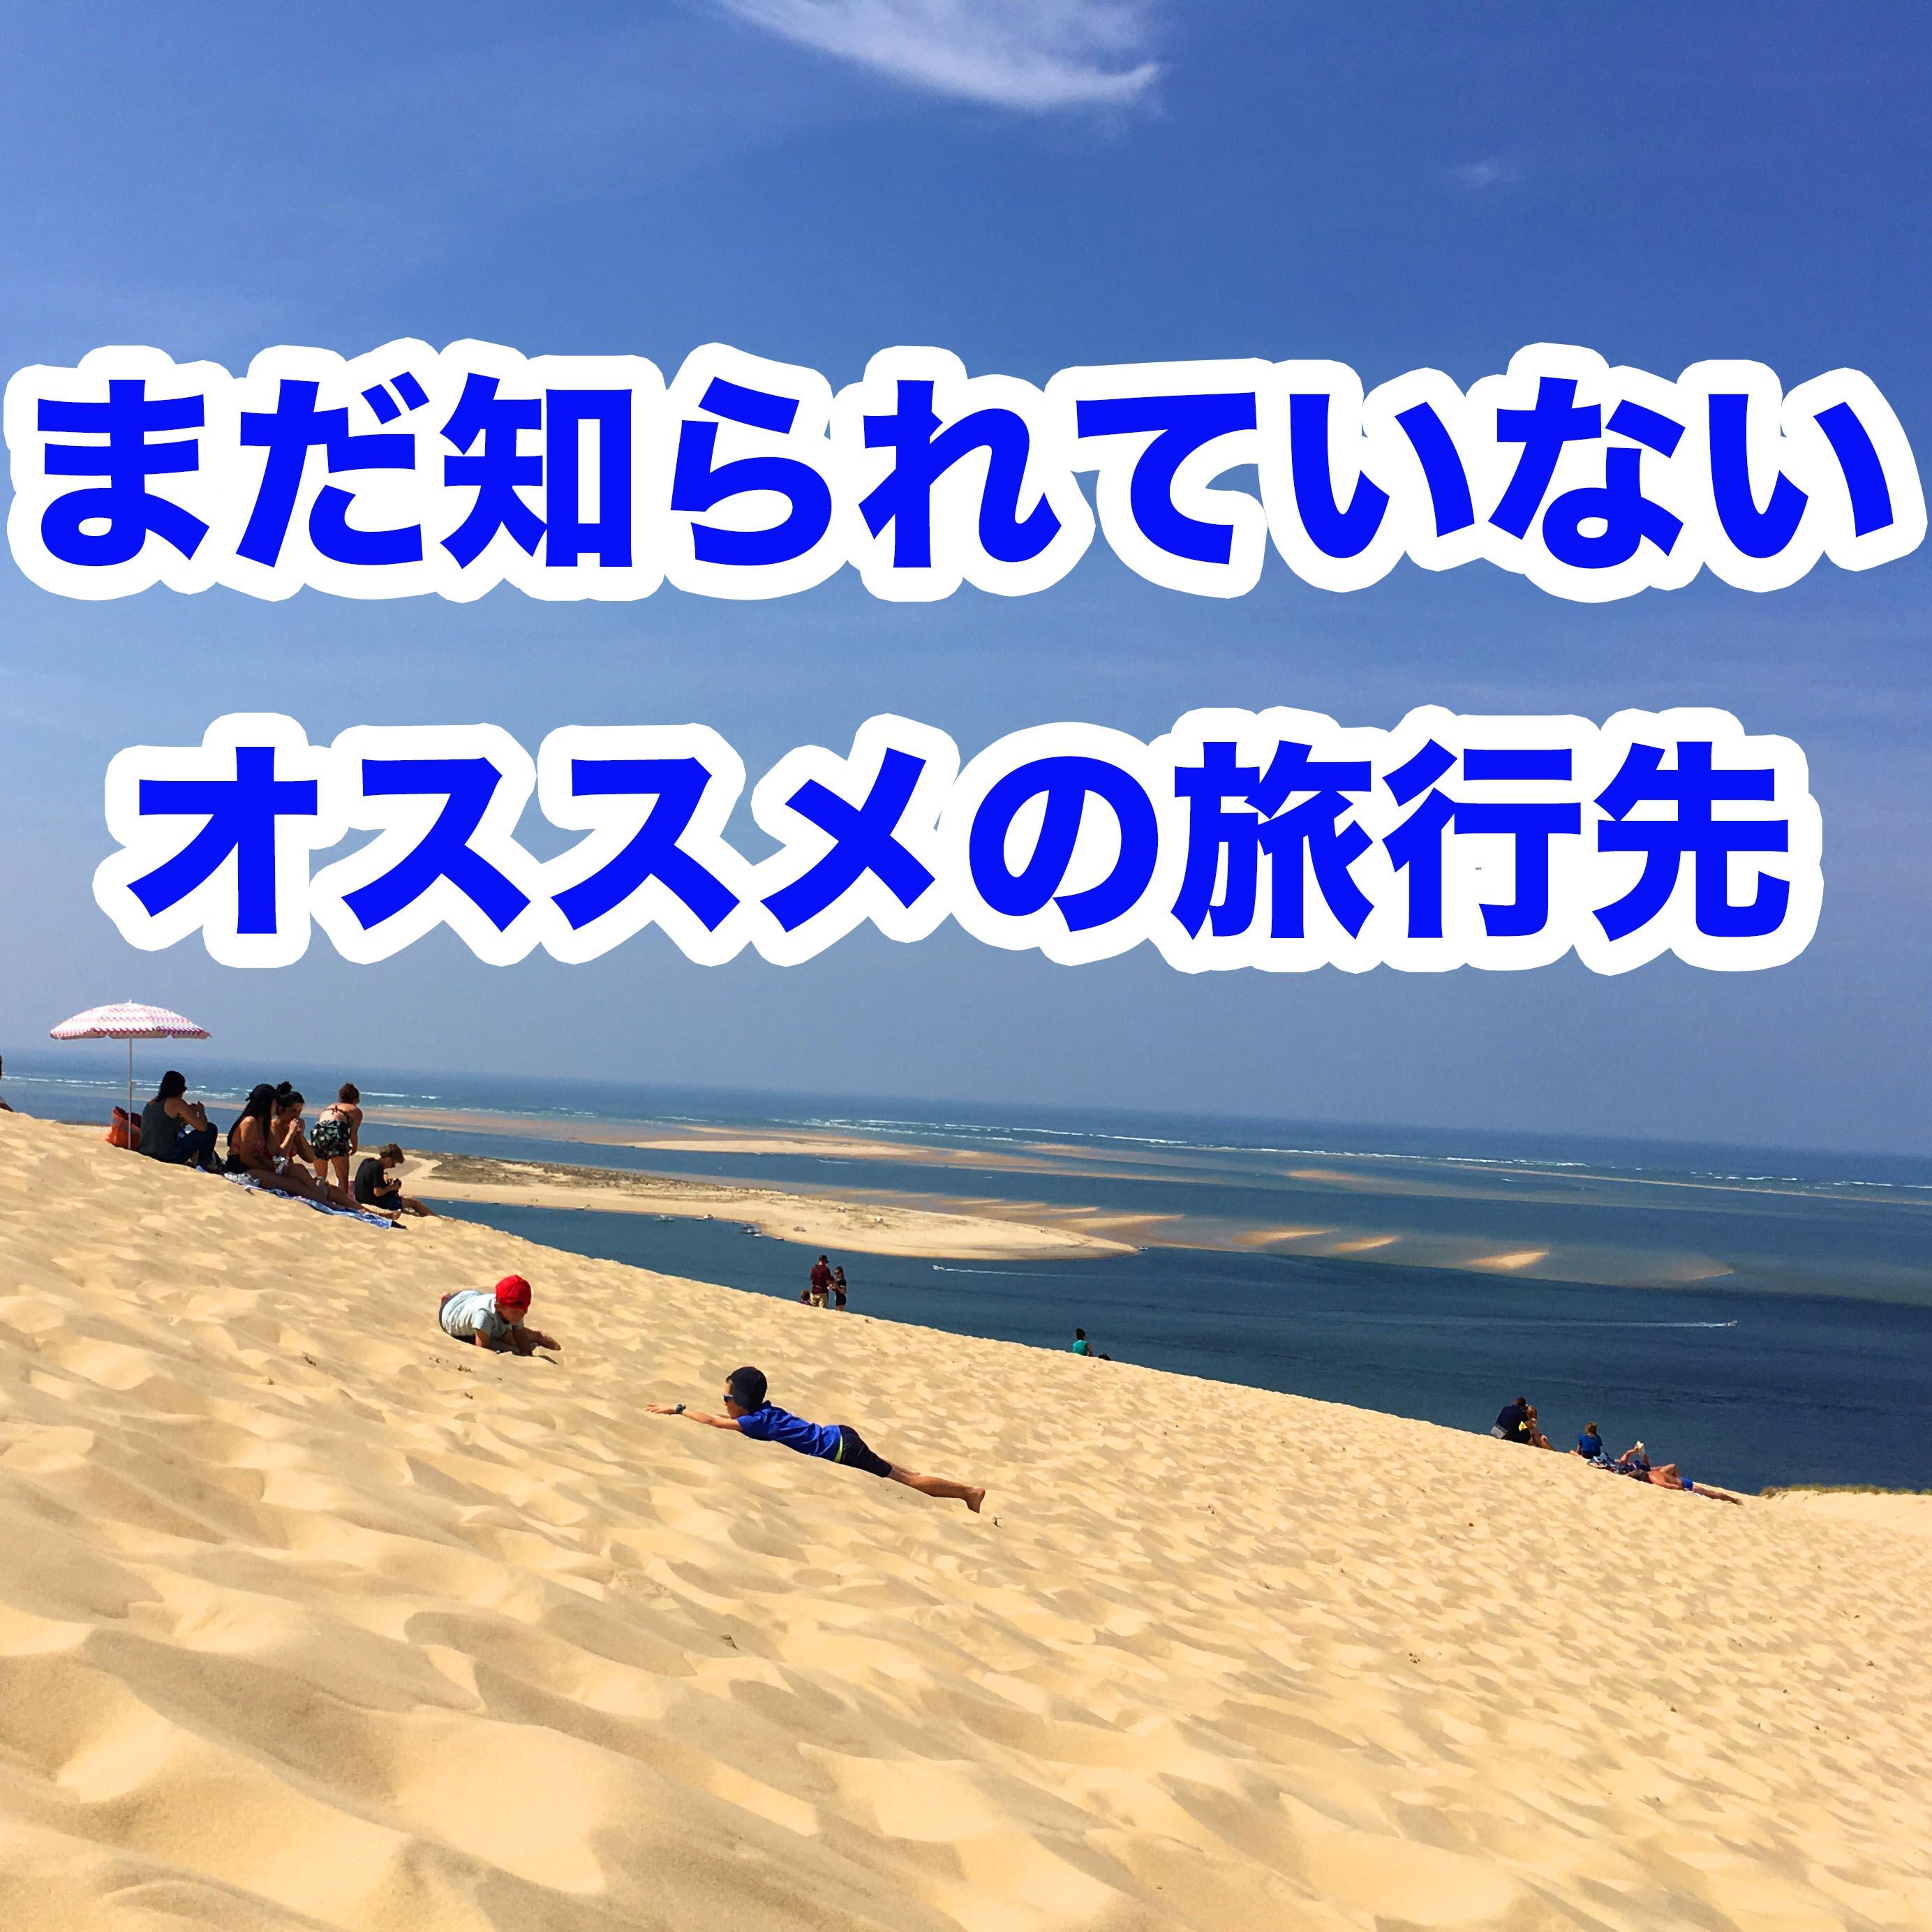 【口コミ体験談】まだ世間に知られていないオススメ海外旅行地を聞いてみました!